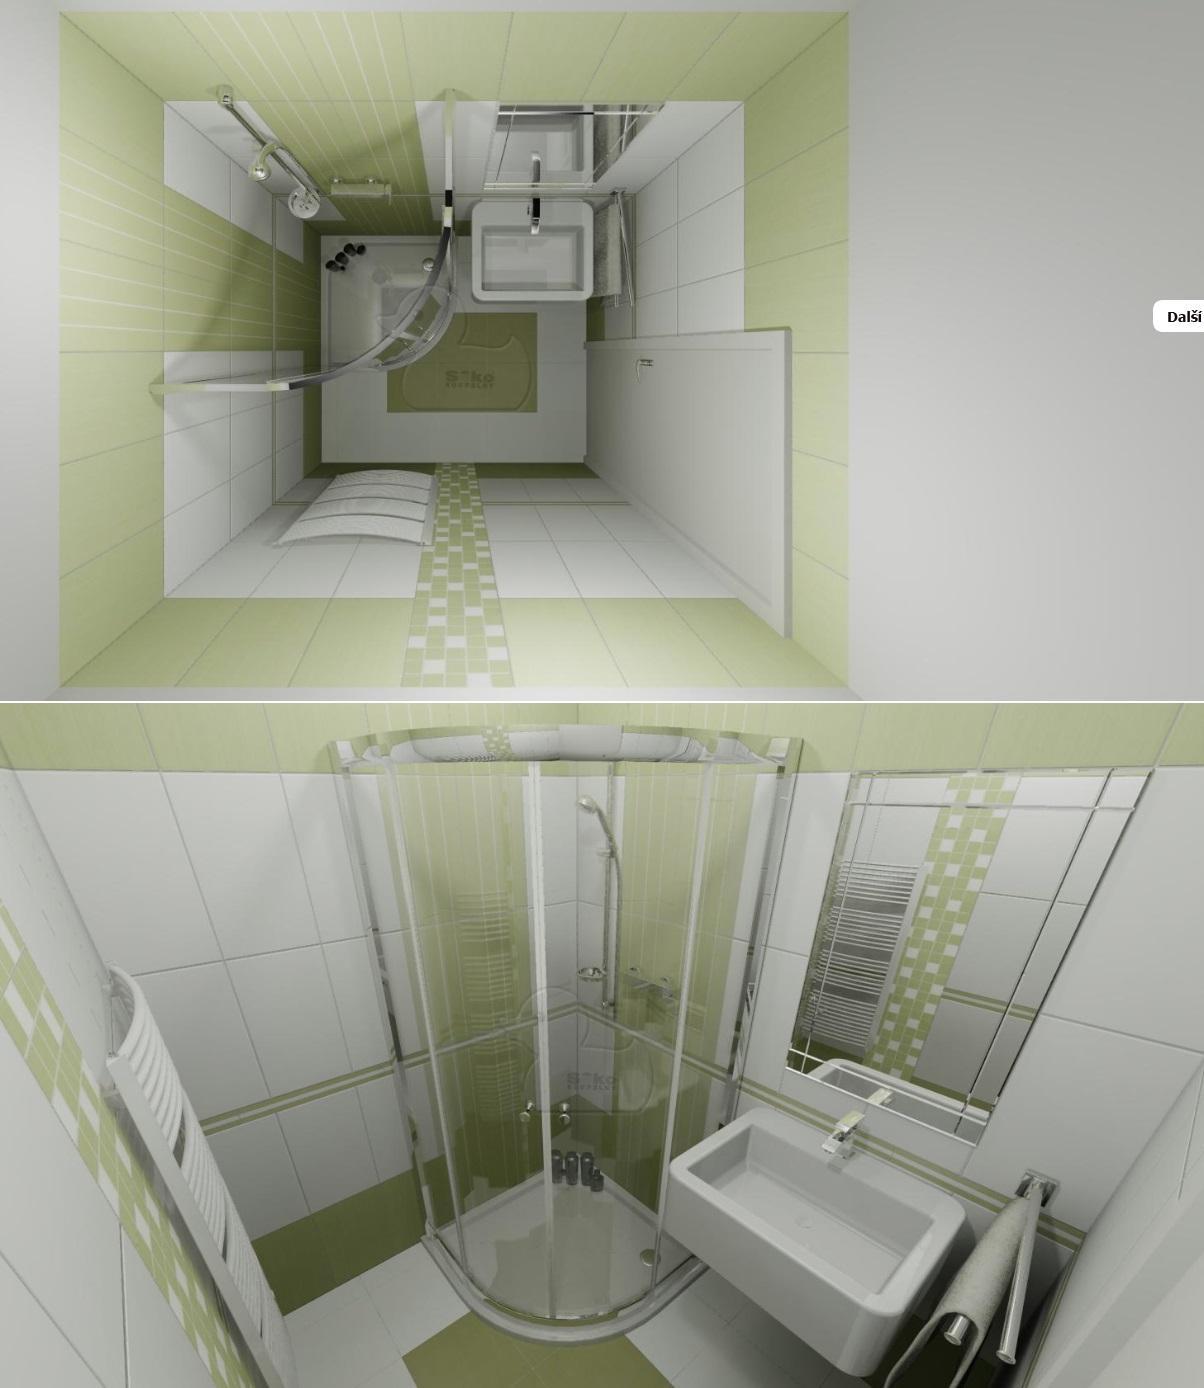 Uprava koupelny pro seniory - Obrázek č. 9